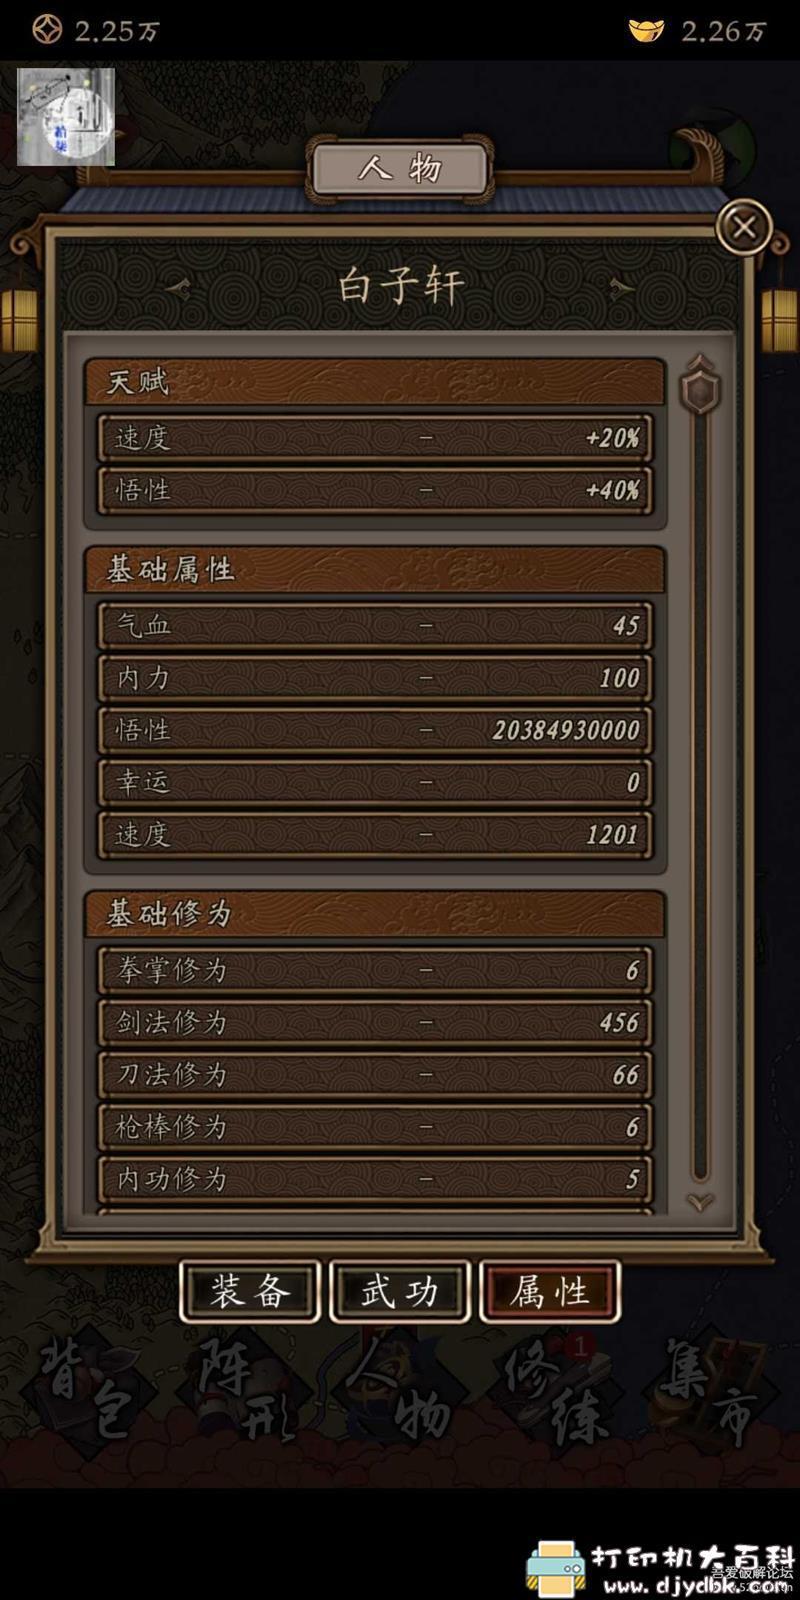 安卓游戏分享:凌烟诀之江湖侠客行1.3无限元宝版 配图 No.3